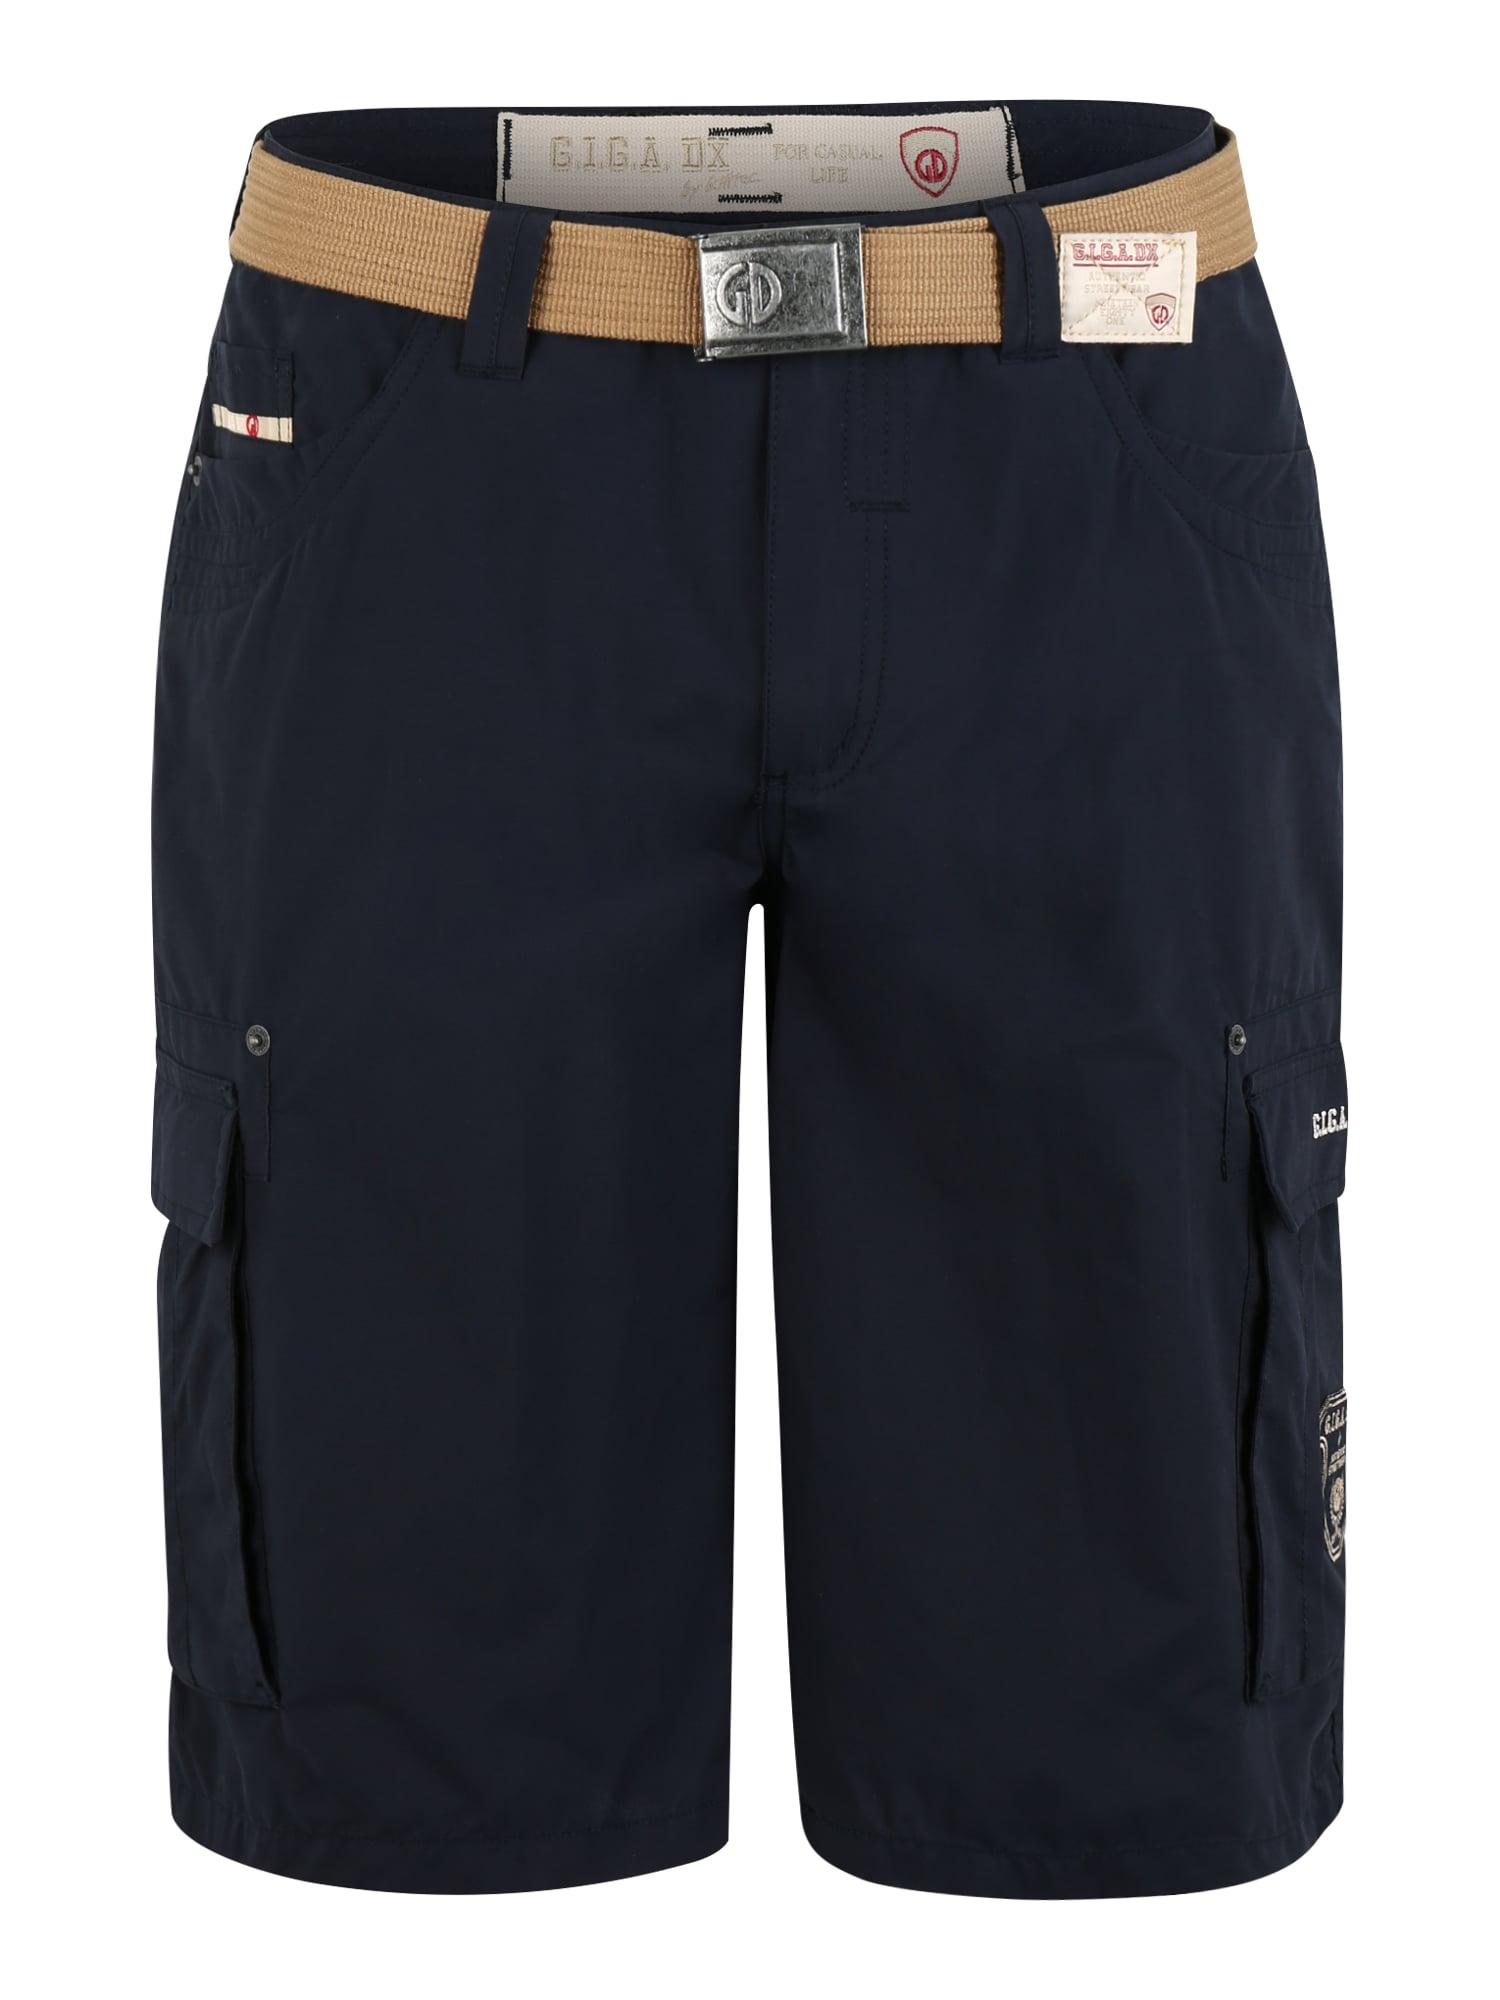 G.I.G.A. DX by killtec Sportinės kelnės 'Glenn' tamsiai mėlyna